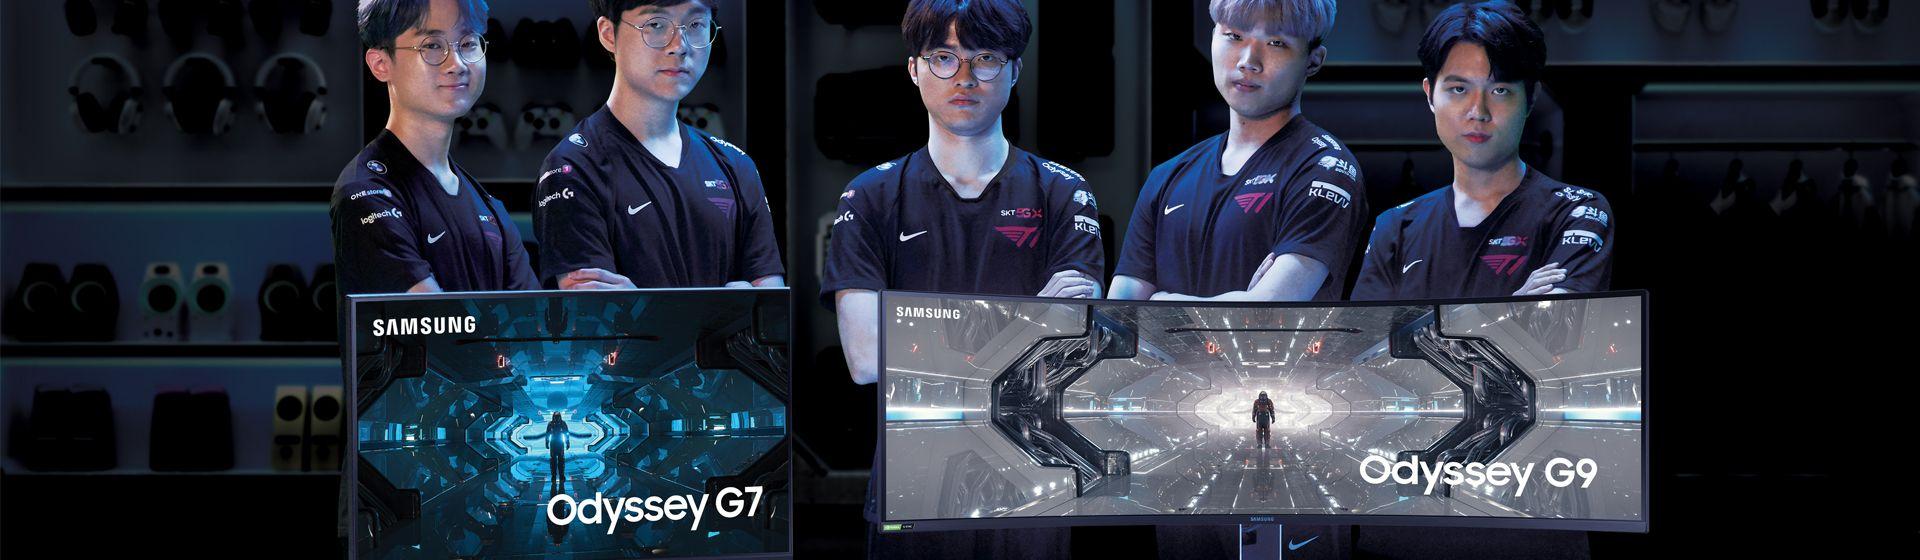 Samsung Odyssey G7 e G9: conheça os monitores gamer de 240Hz da linha